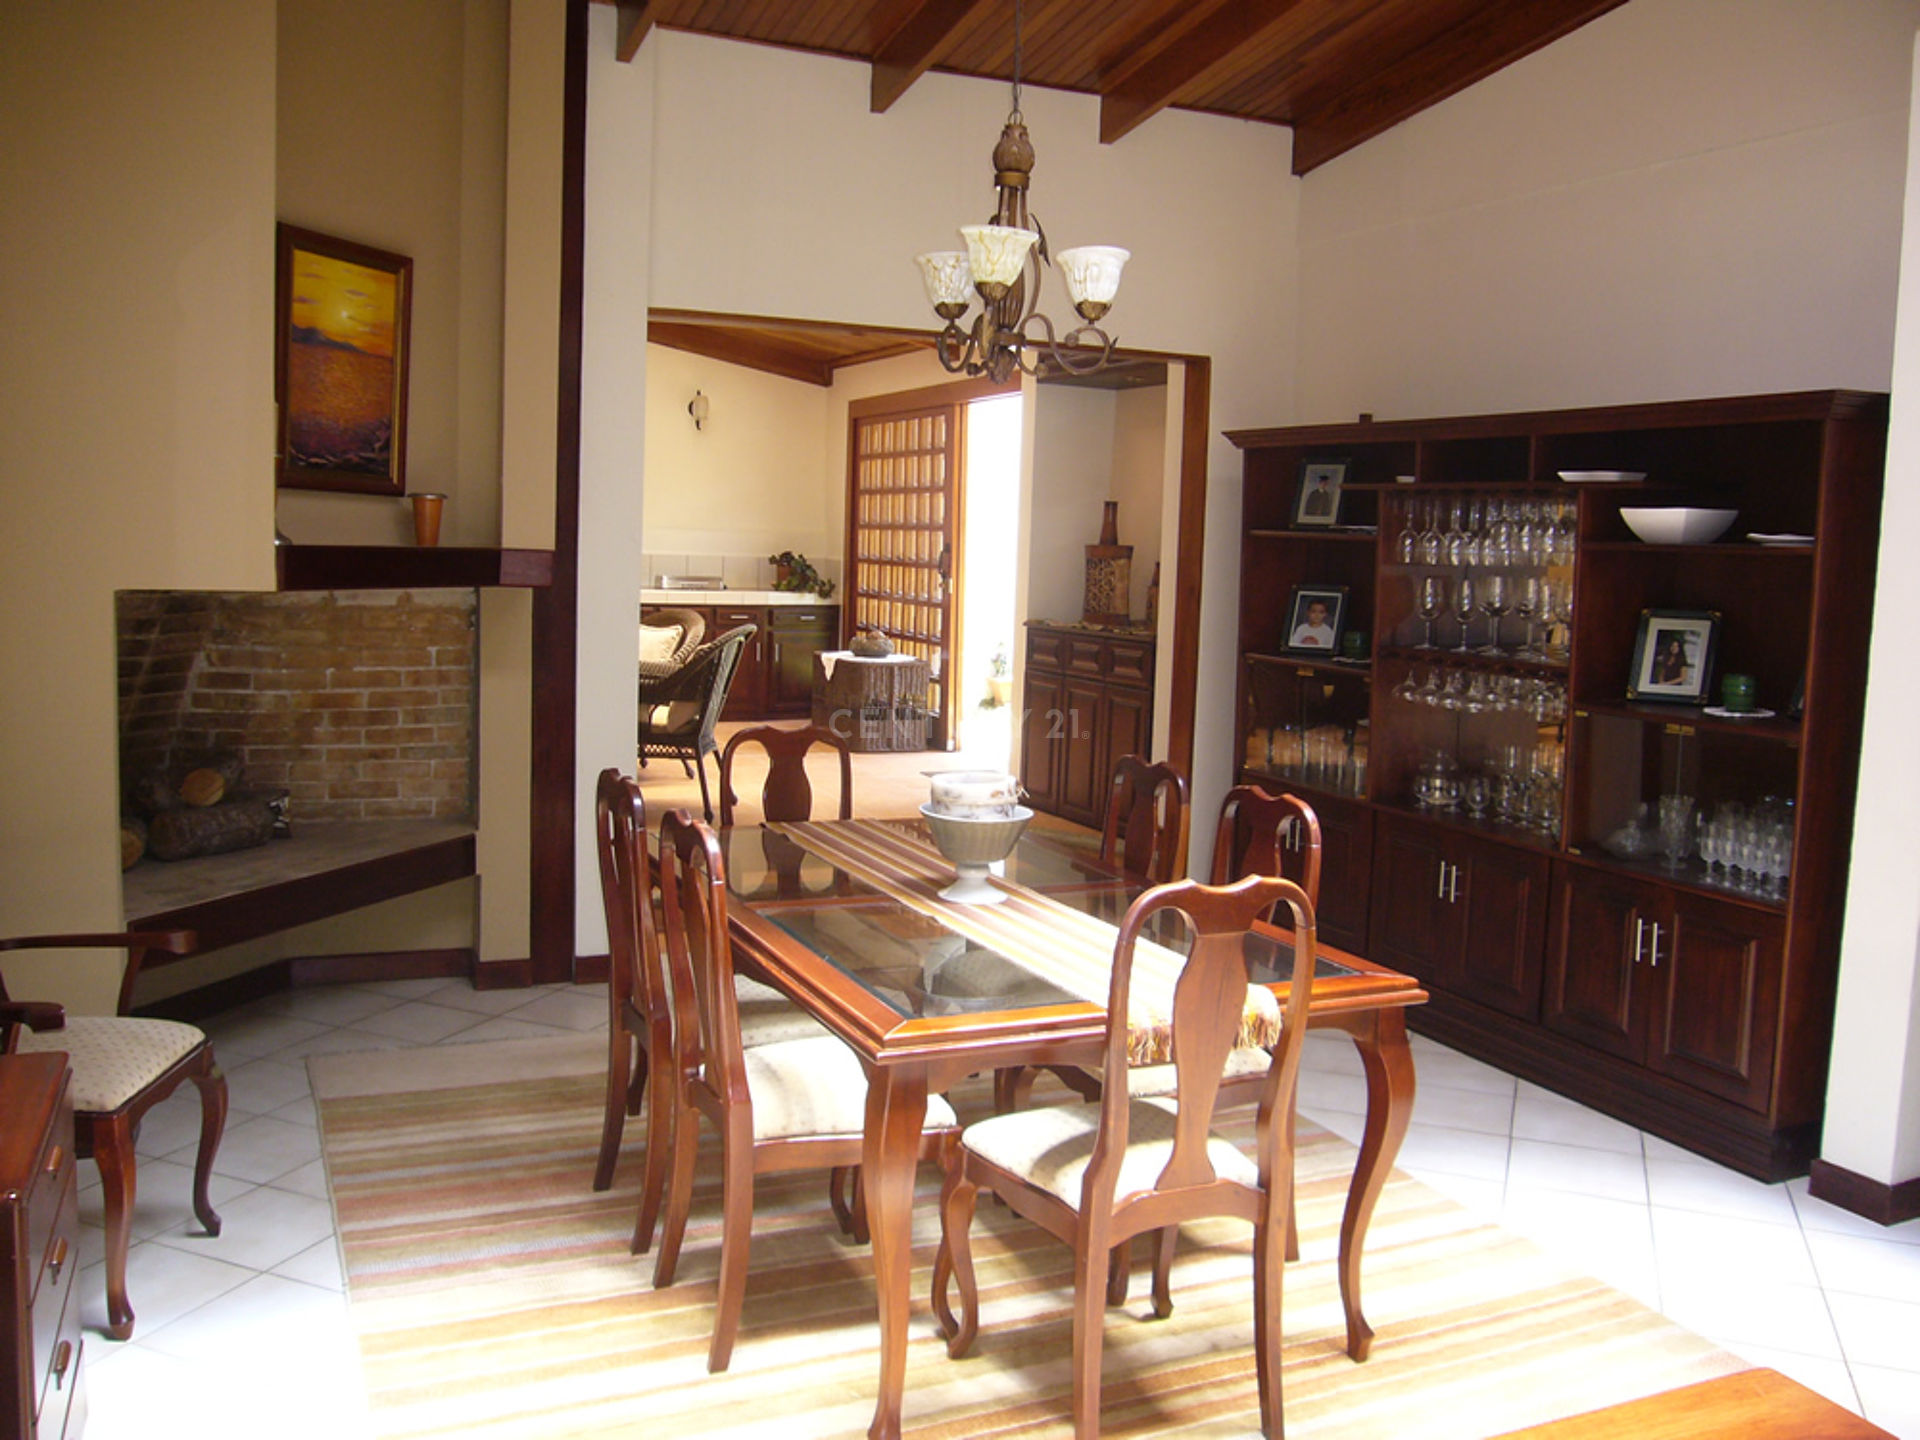 Se Vende Casa recién remodelada, Santa Marta, Montes de Oca, $290.000